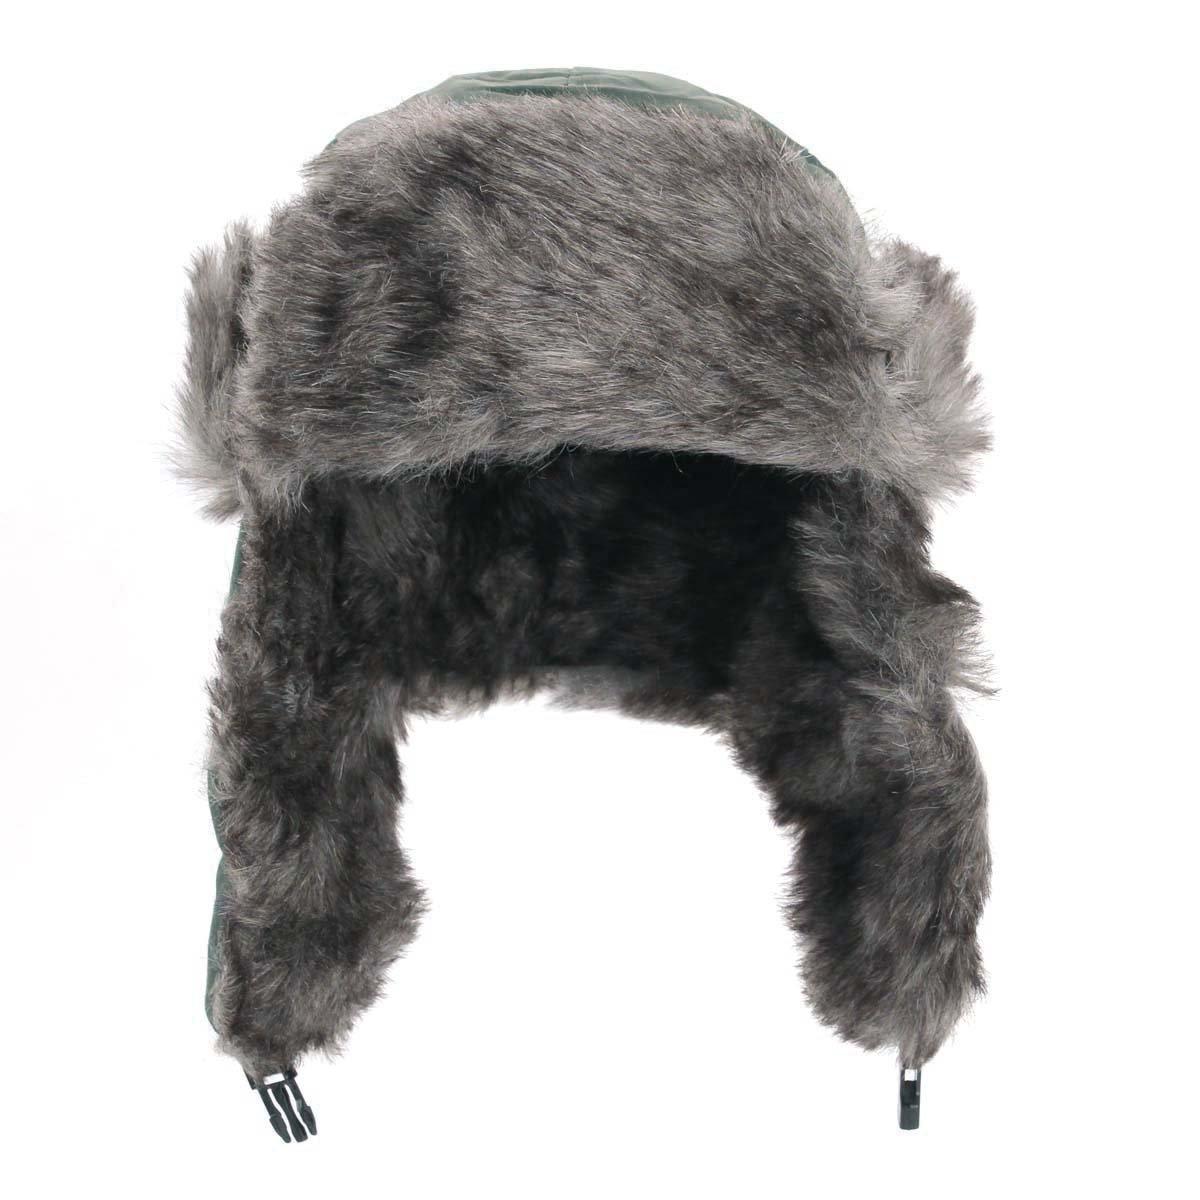 Yesurprise Trapper Warm Russian Trooper Fur Earflap Winter Skiing Hat Cap Women Men Windproof by Yesurprise (Image #2)